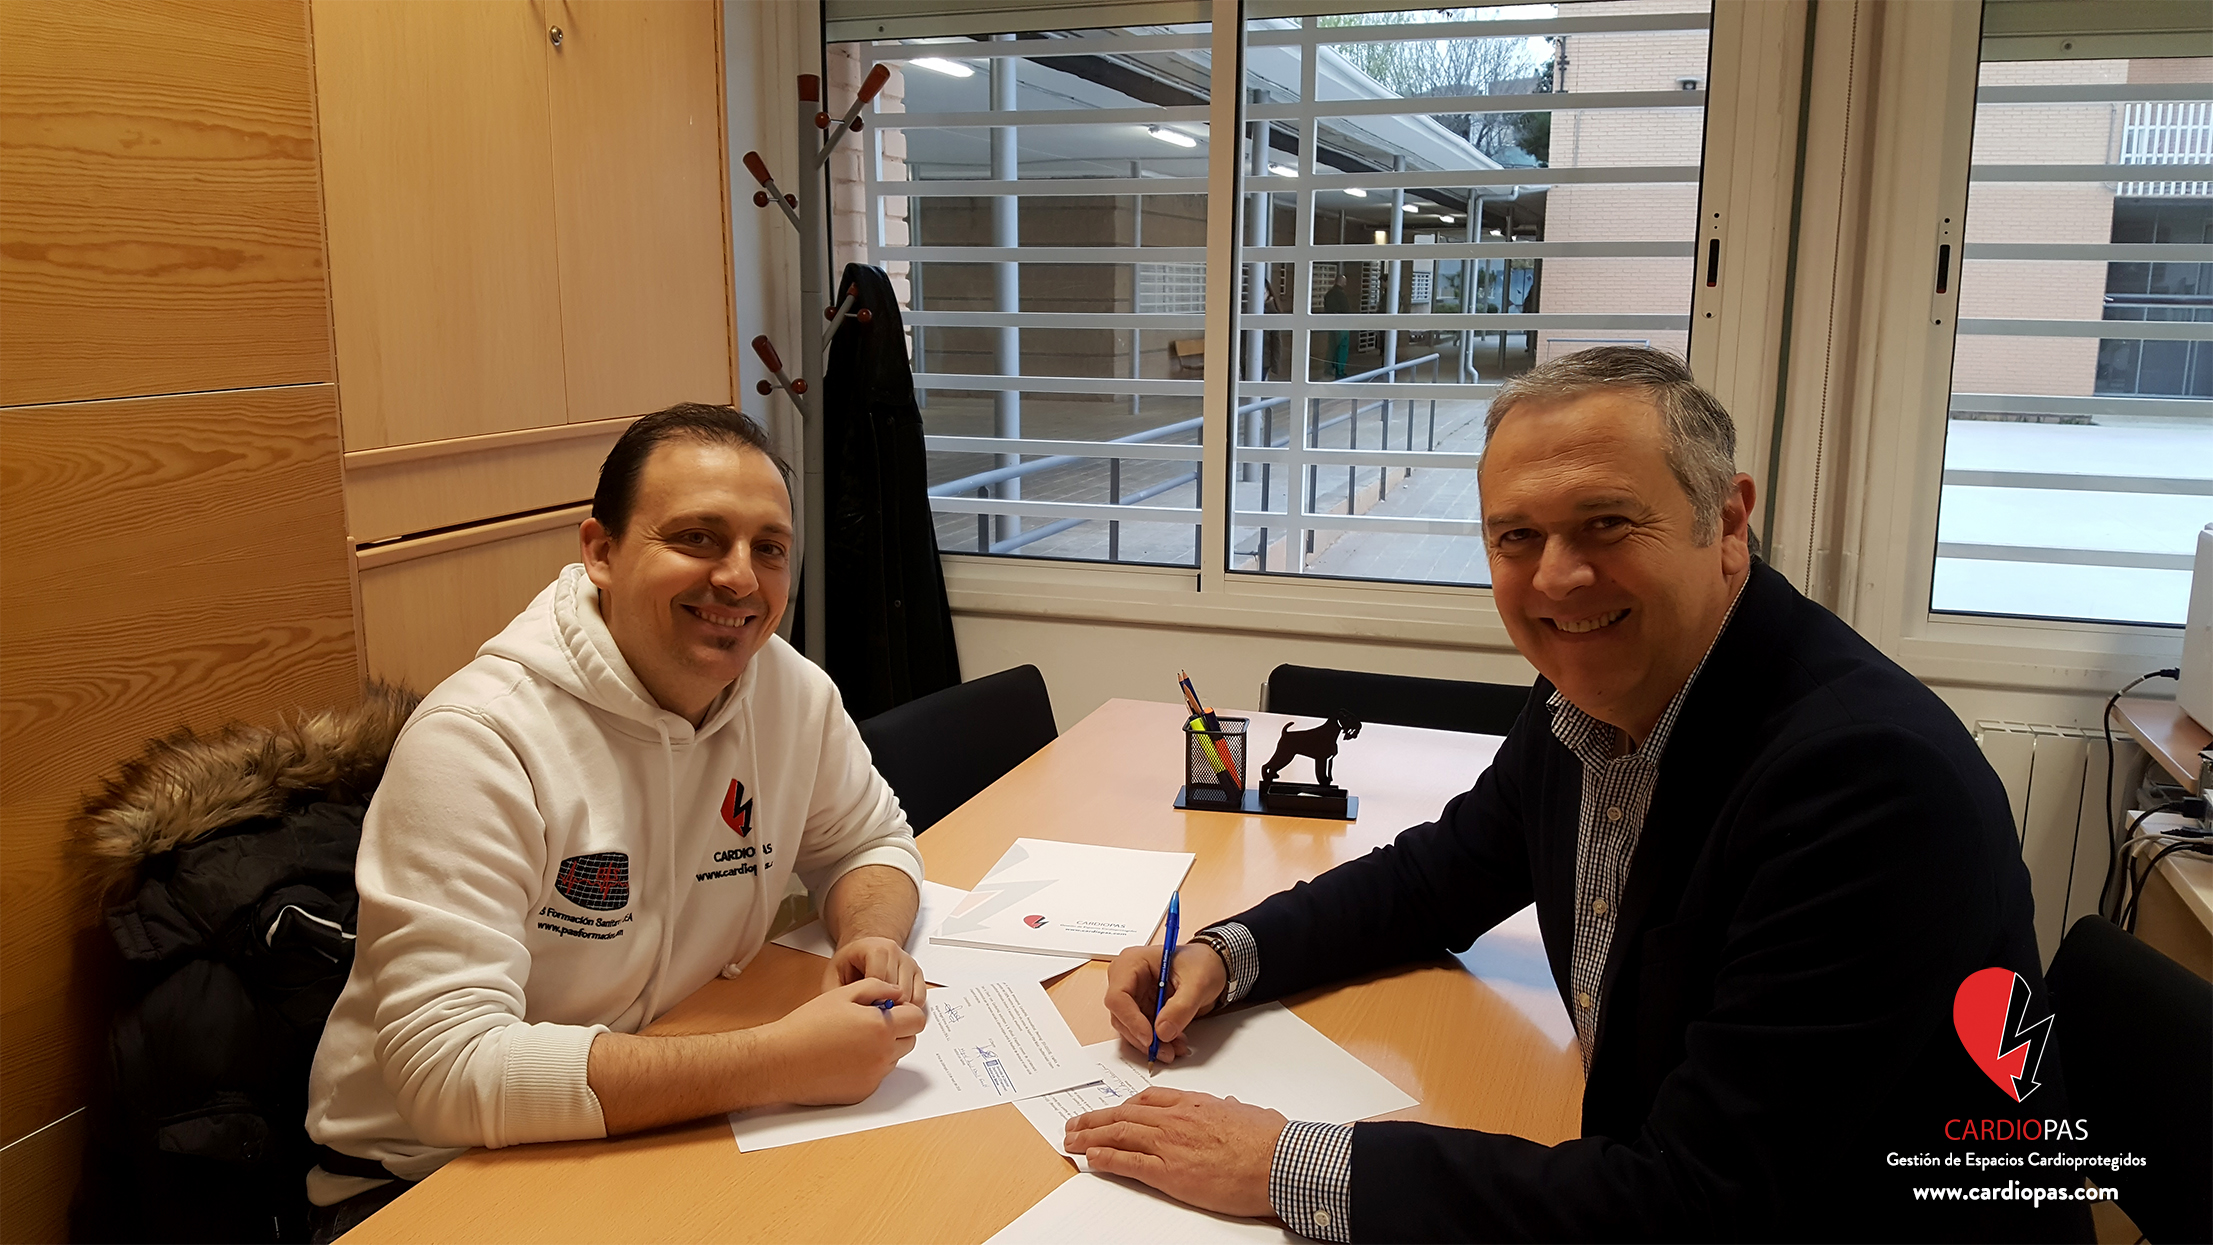 El pasado día 13 de marzo se firmó un nuevo convenio de colaboración entre el IES Les Salines y CARDIOPAS. Gestión de Espacios Cardioprotegidos, que demuestra la preocupación y responsabilidad… Leer más